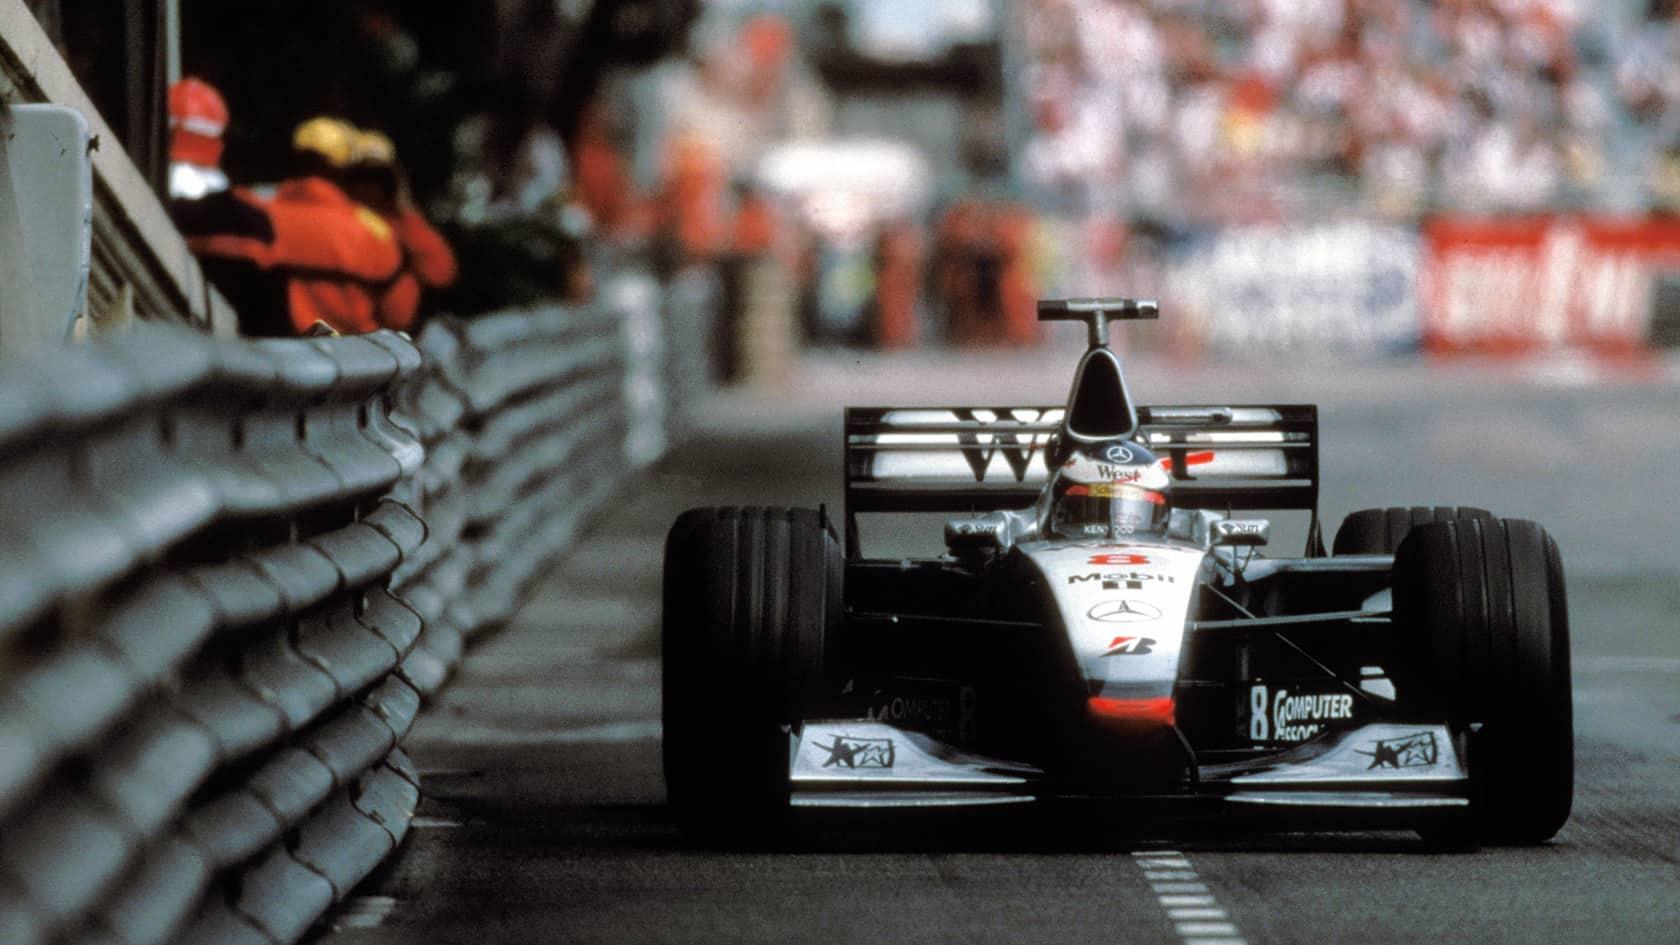 Hakkinen McLaren MP4-13 Monaco GP F1 1998 FOto McLAren